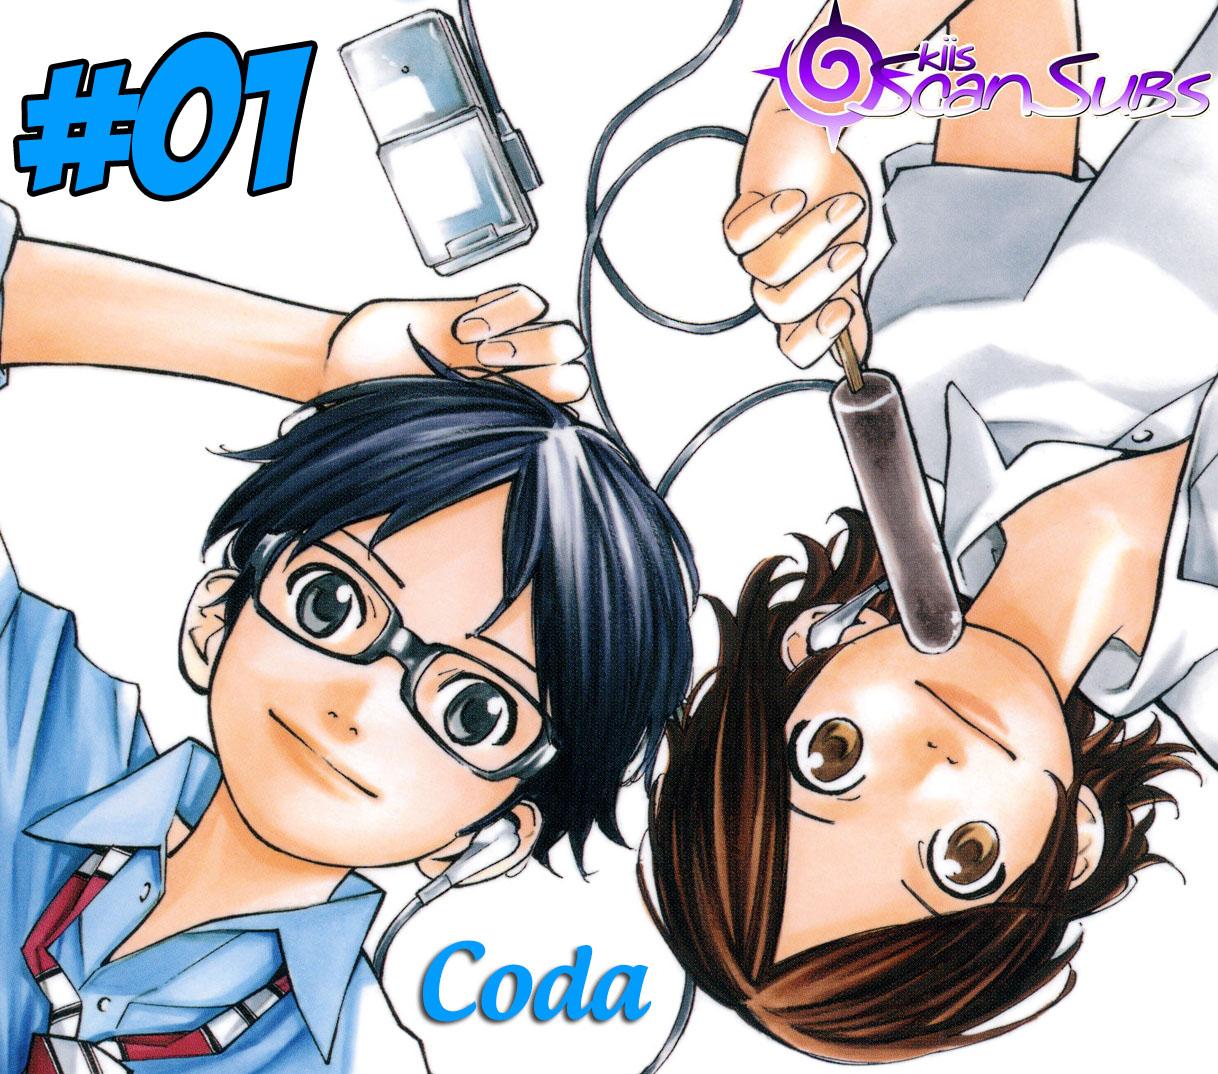 shigatsu-wa-kimi-no-uso-coda-manga-anime